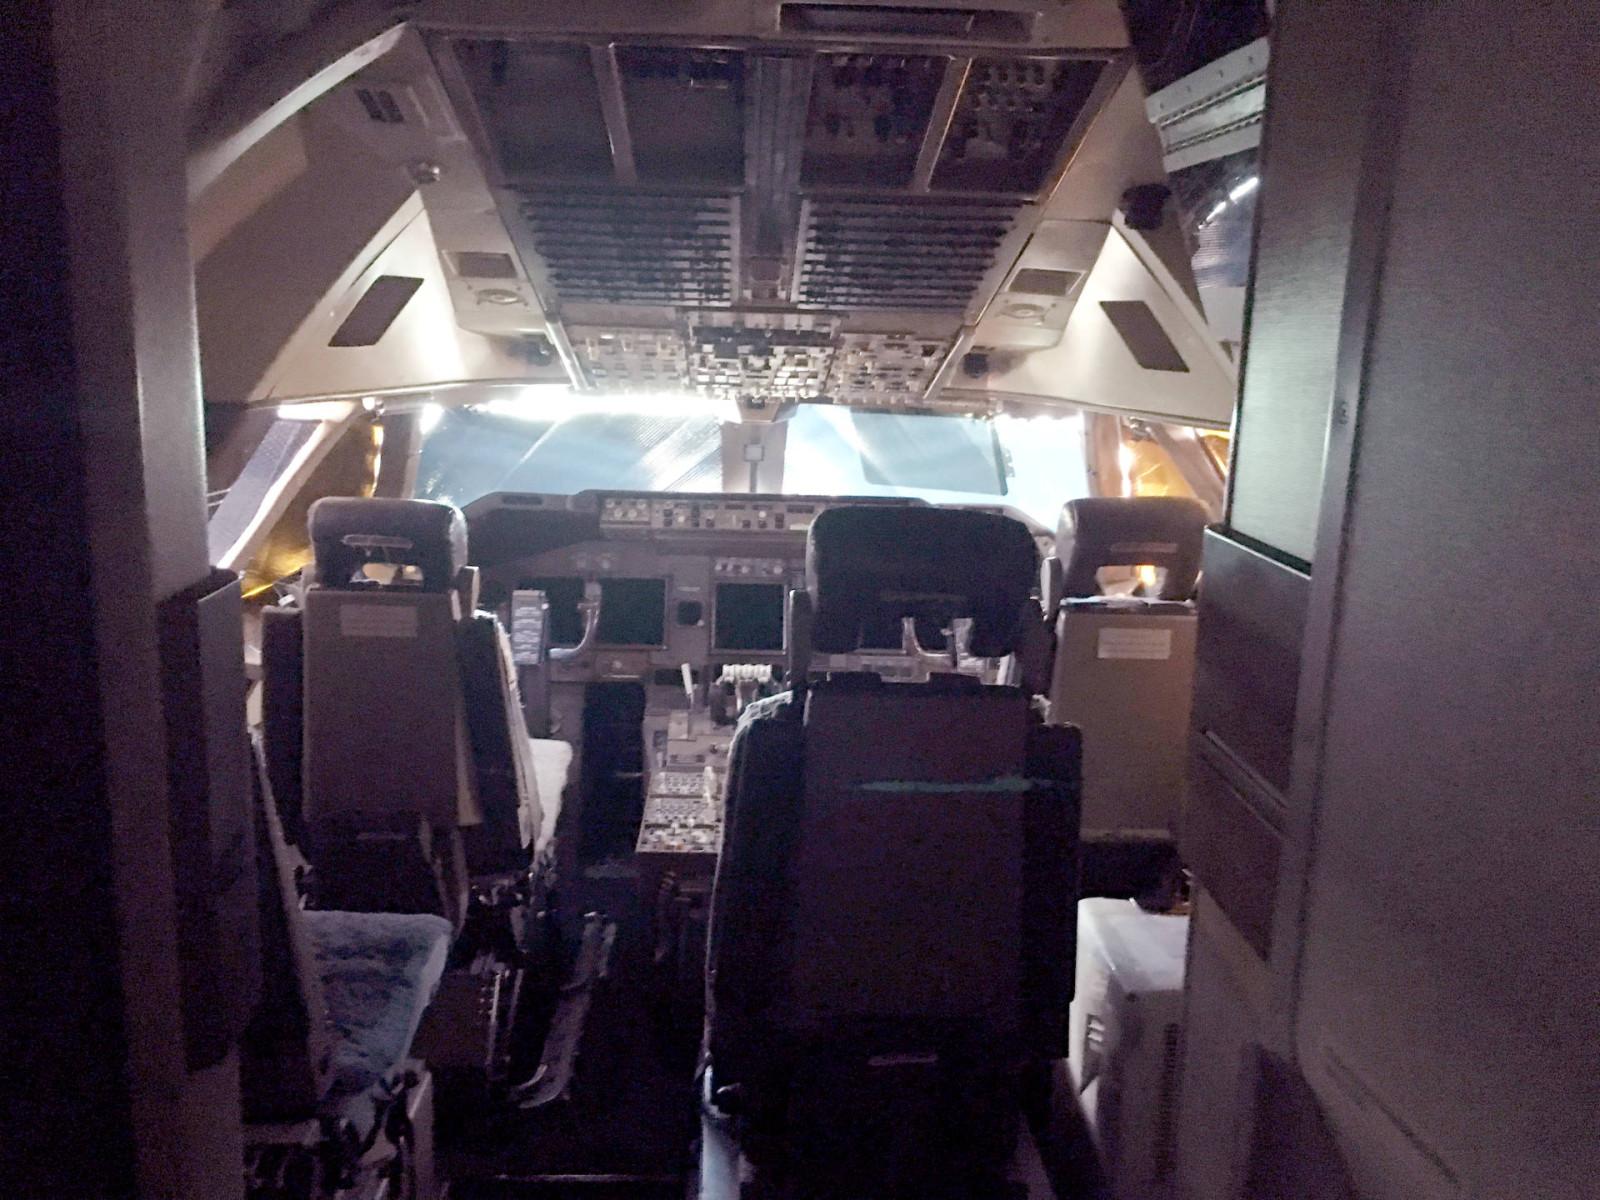 hars_museum_quantas_boeing_747_cockpit